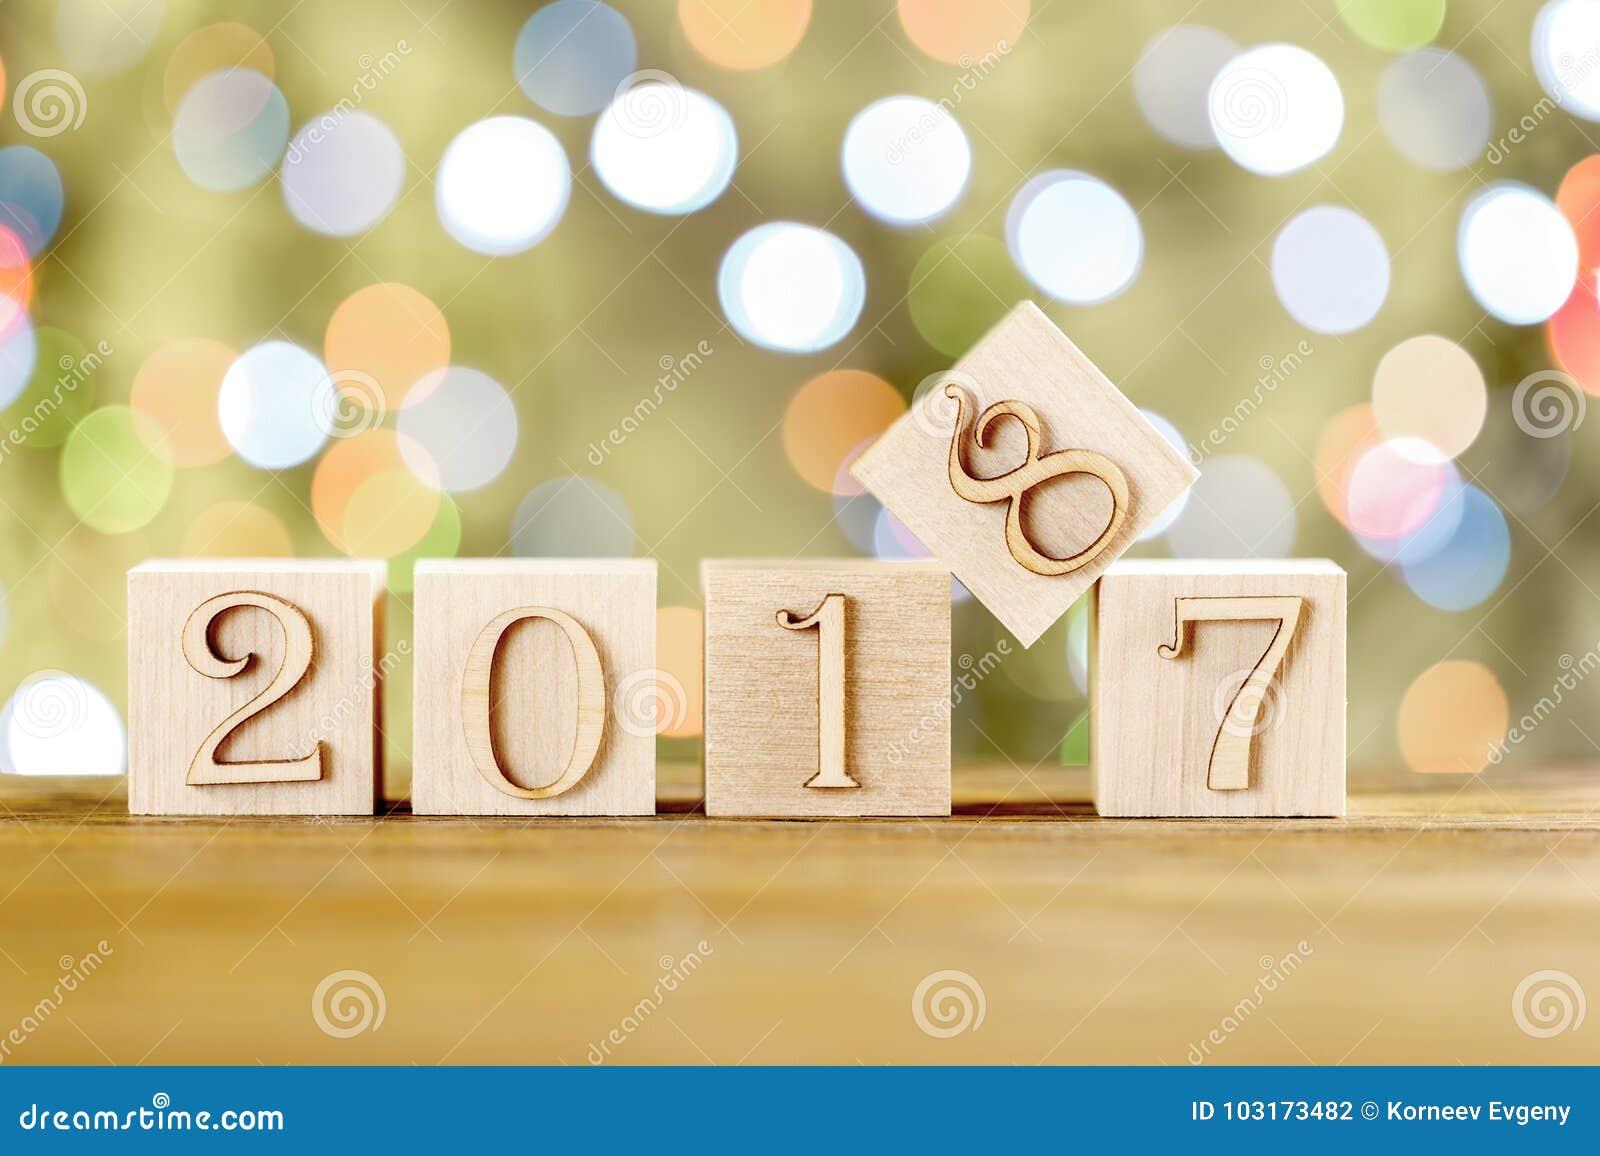 Συγχαρητήρια στο νέο έτος το νέο έτος 2018 Θολωμένη ελαφριά ανασκόπηση Νέο έτος, που αντικαθιστά το παλαιό